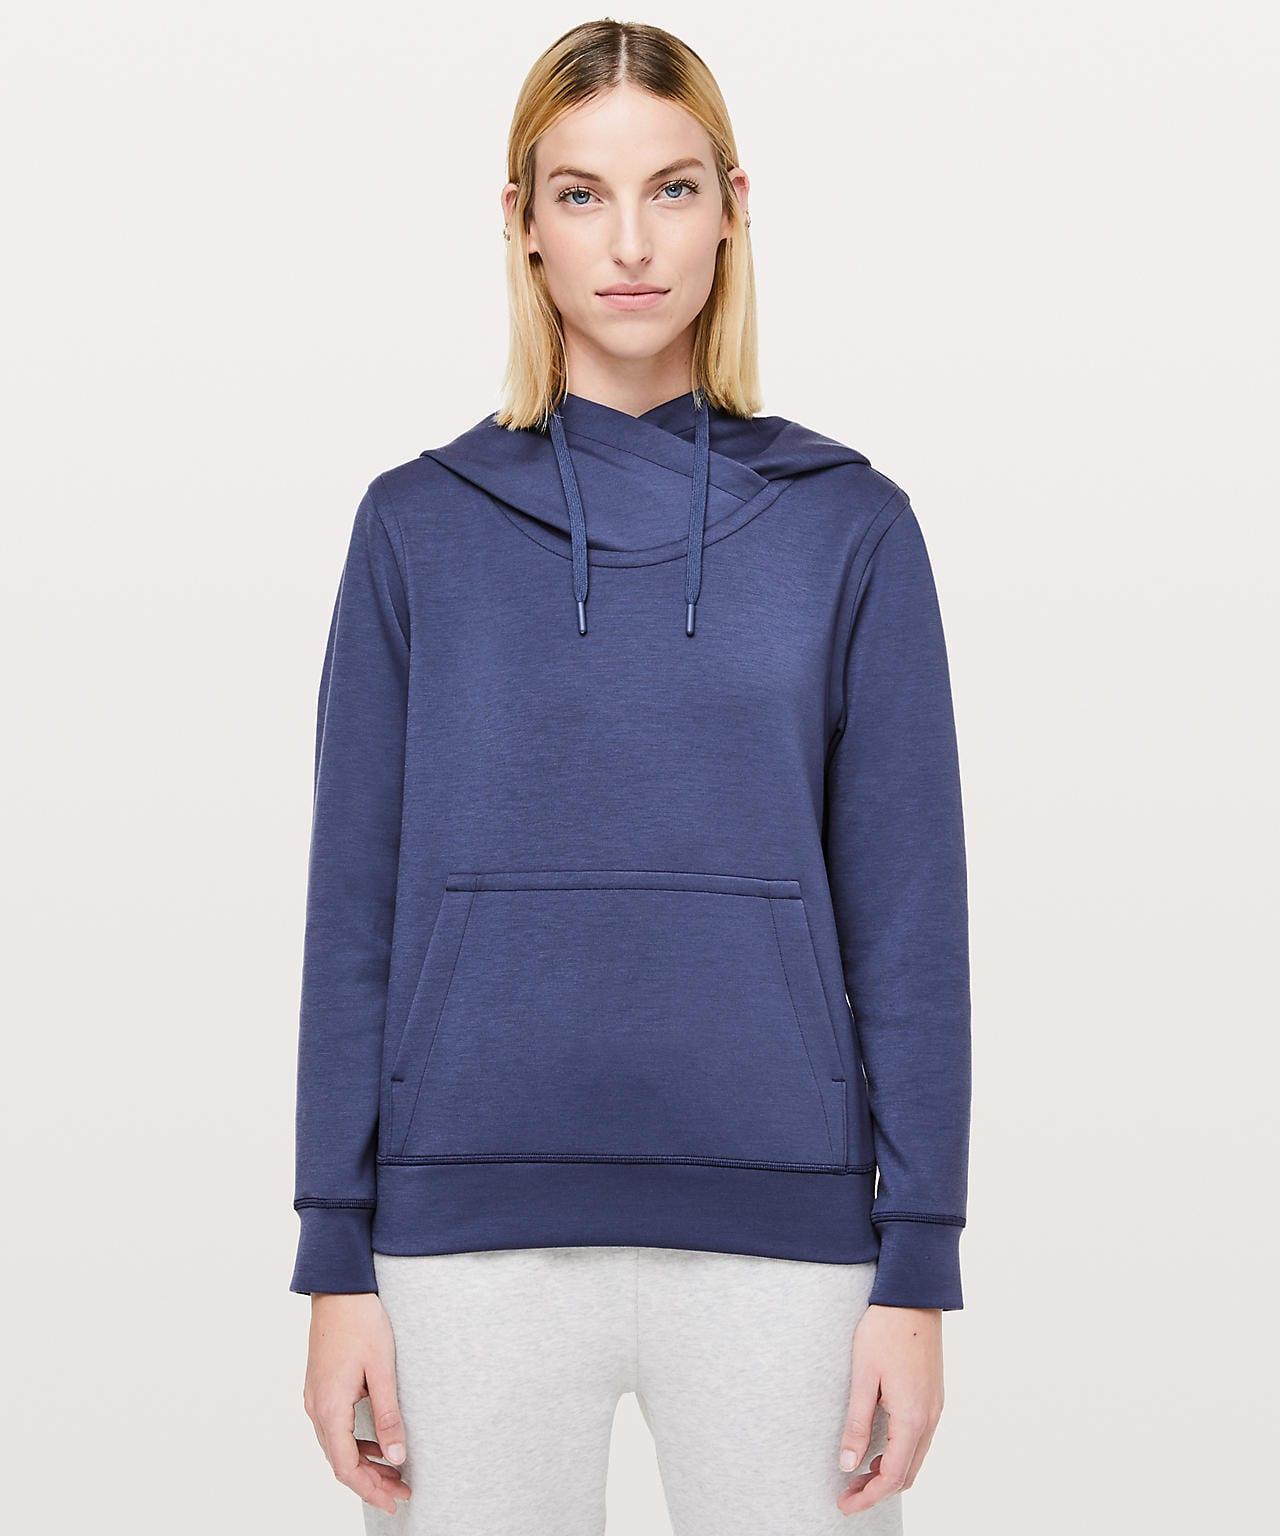 City Sleek hoodie